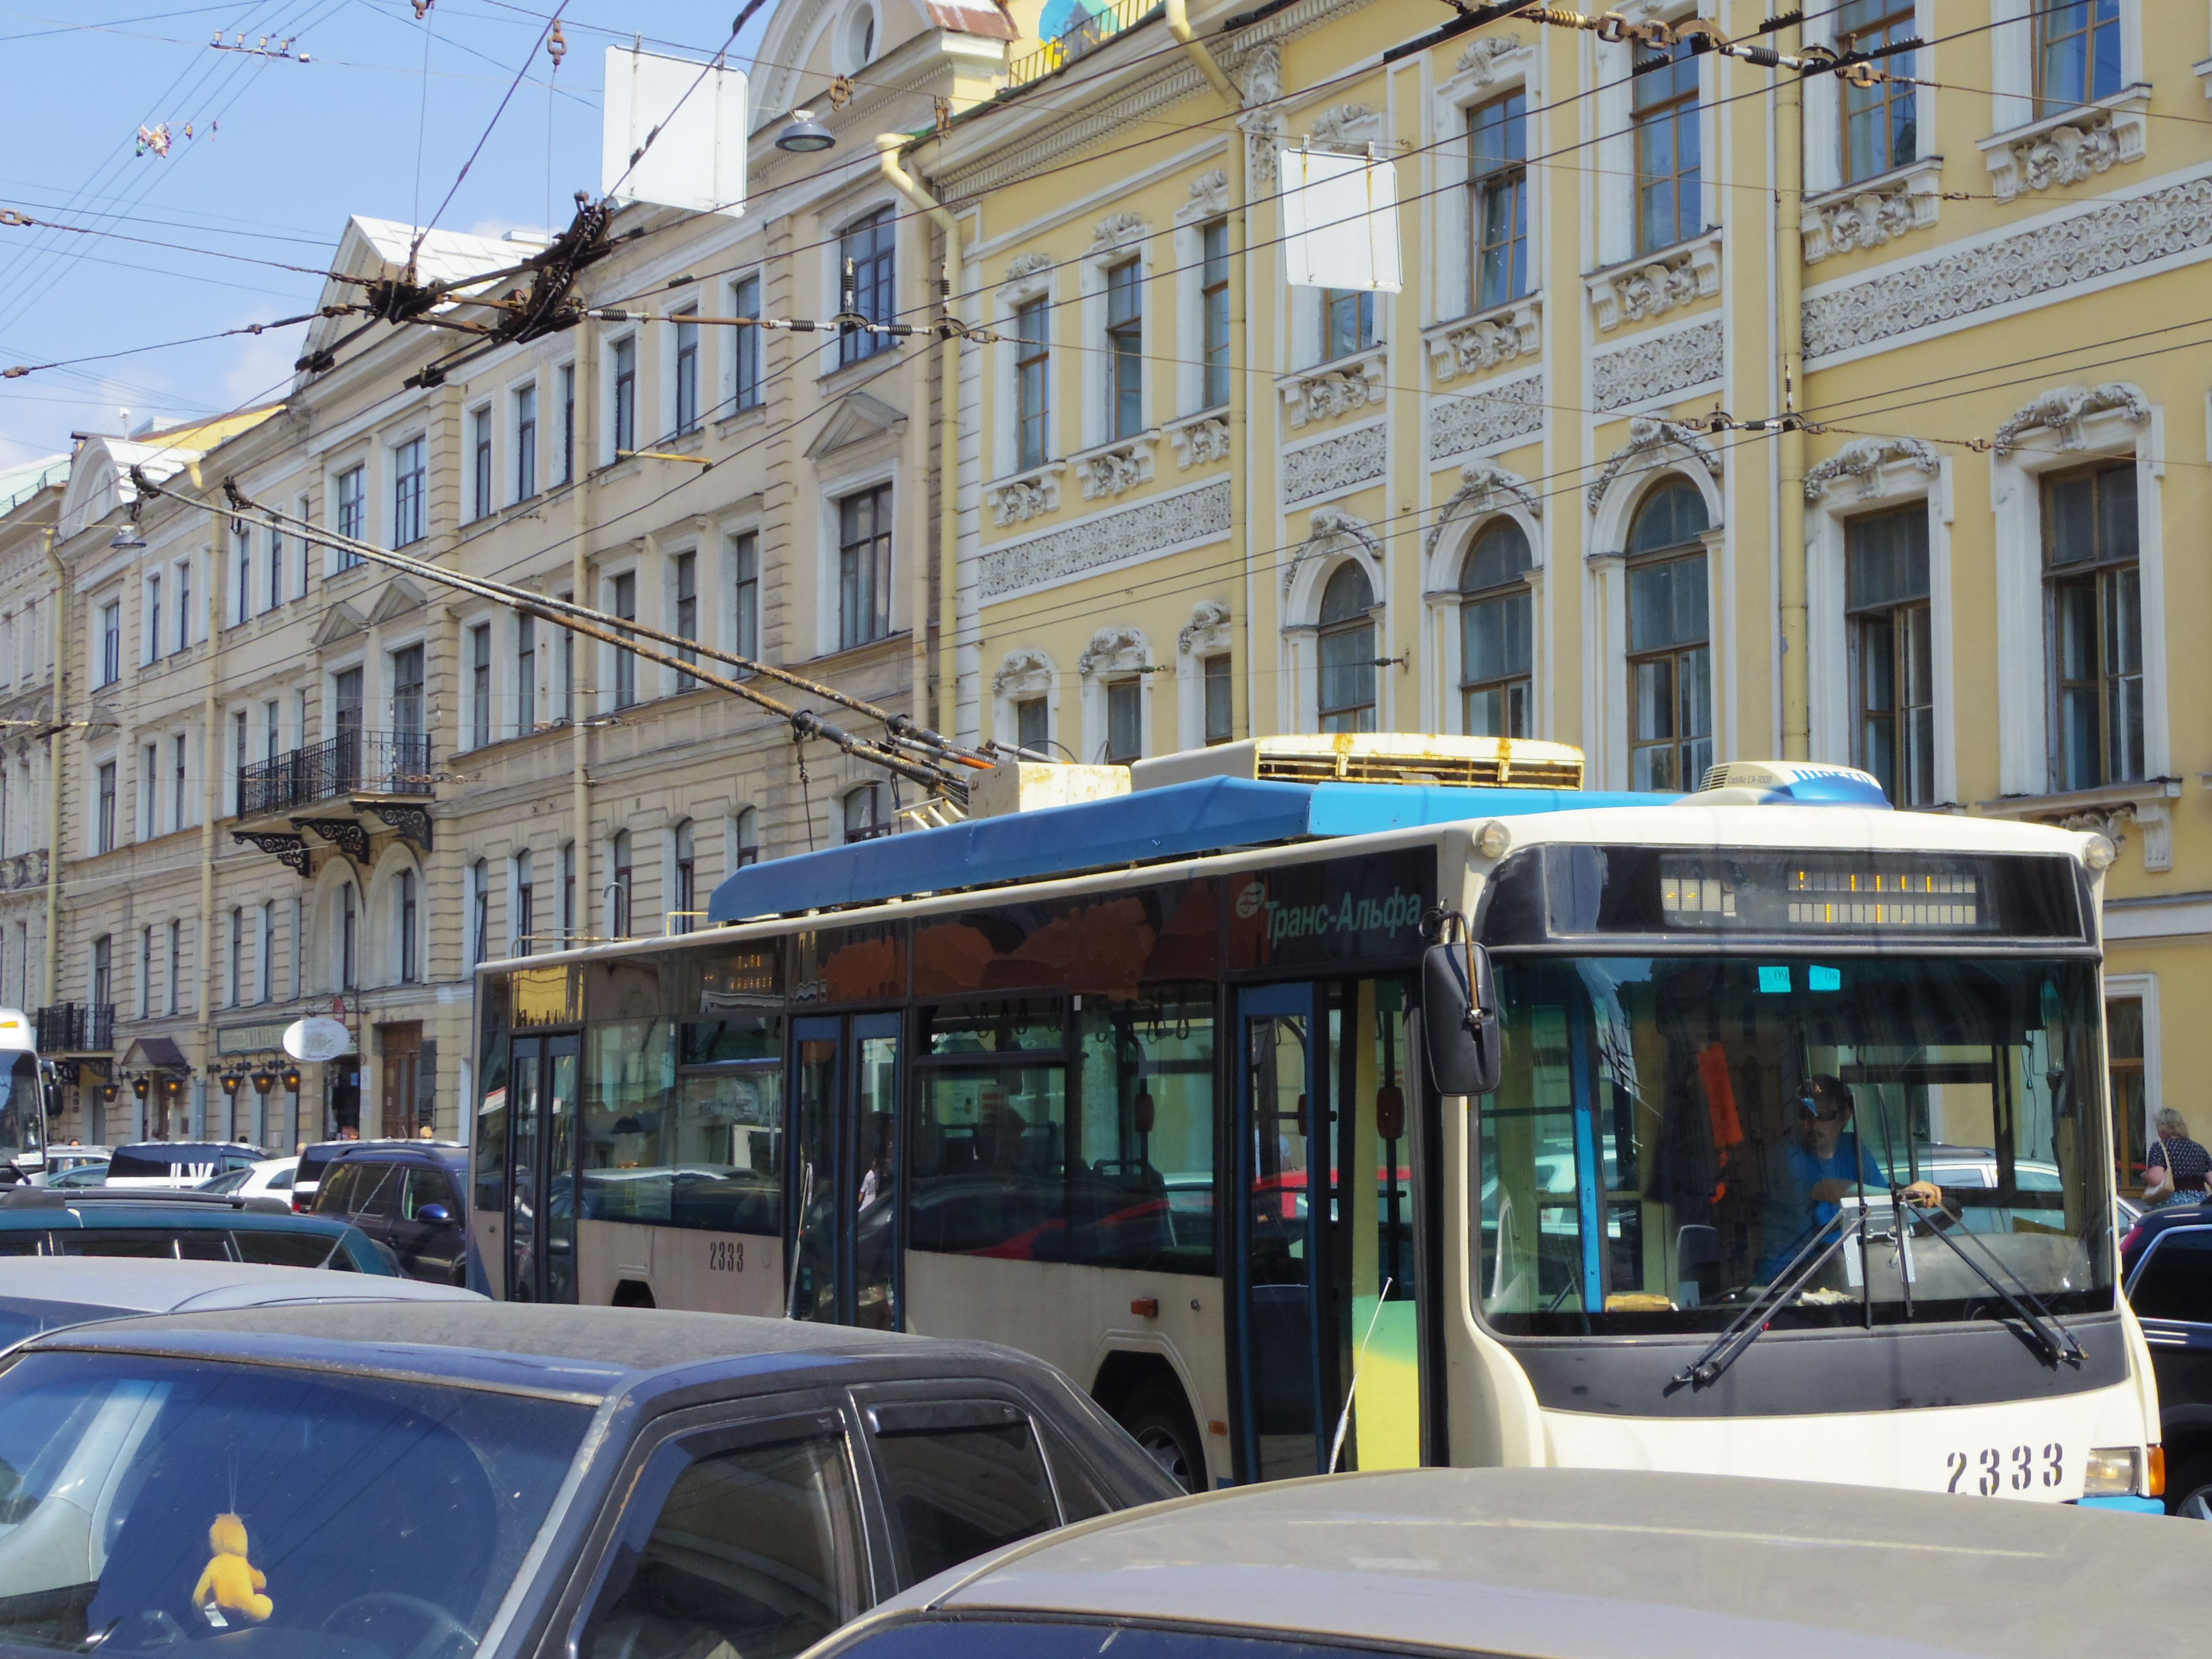 Not a tram, not a bus, it's a TROLLY BUS!